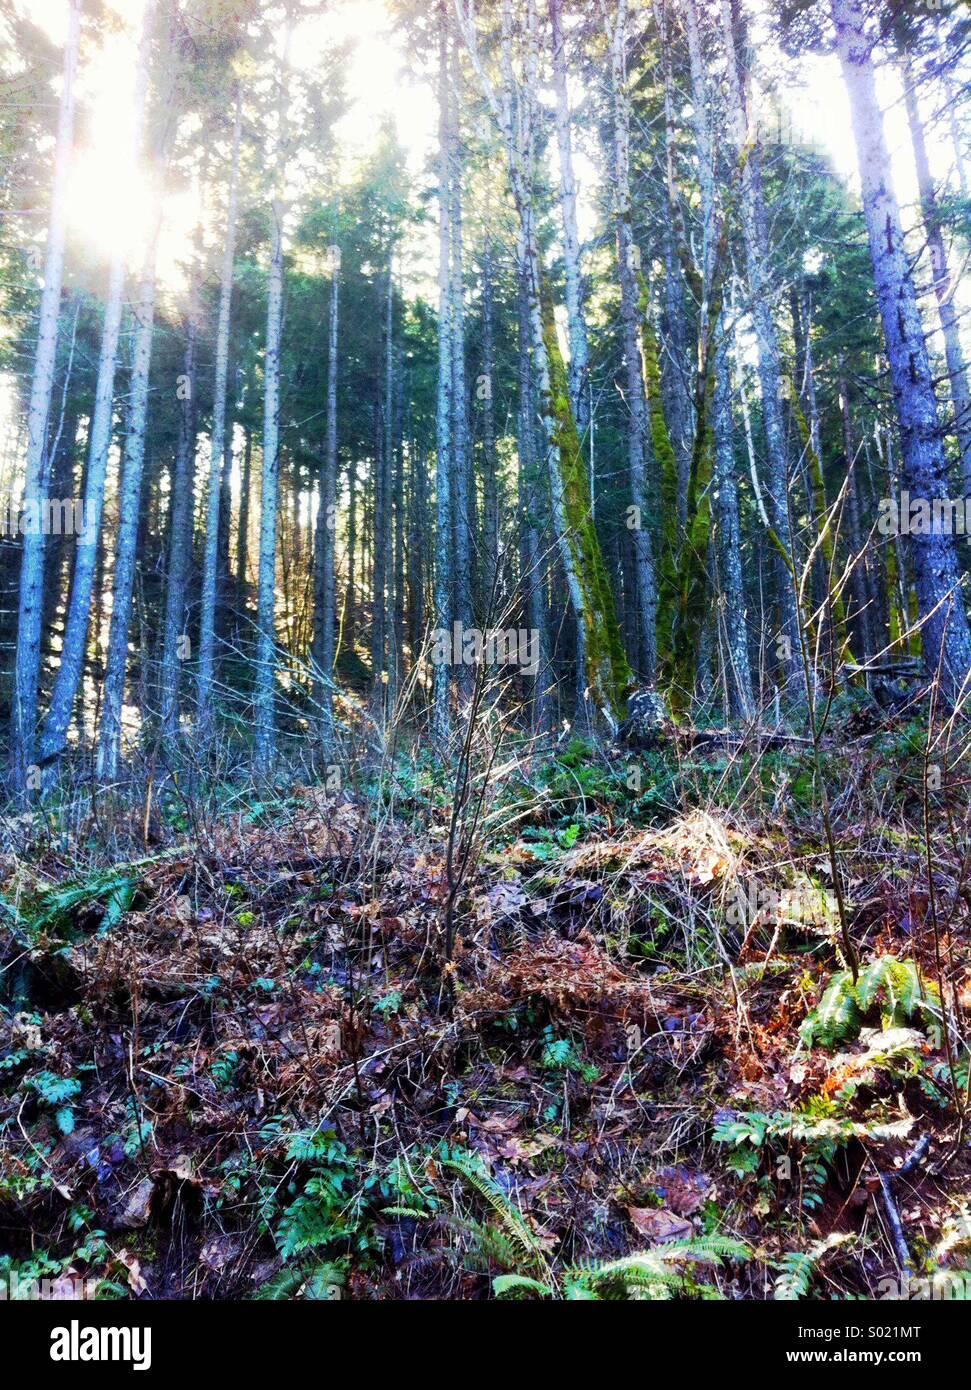 Hinterleuchtete Wald Szene Stockbild